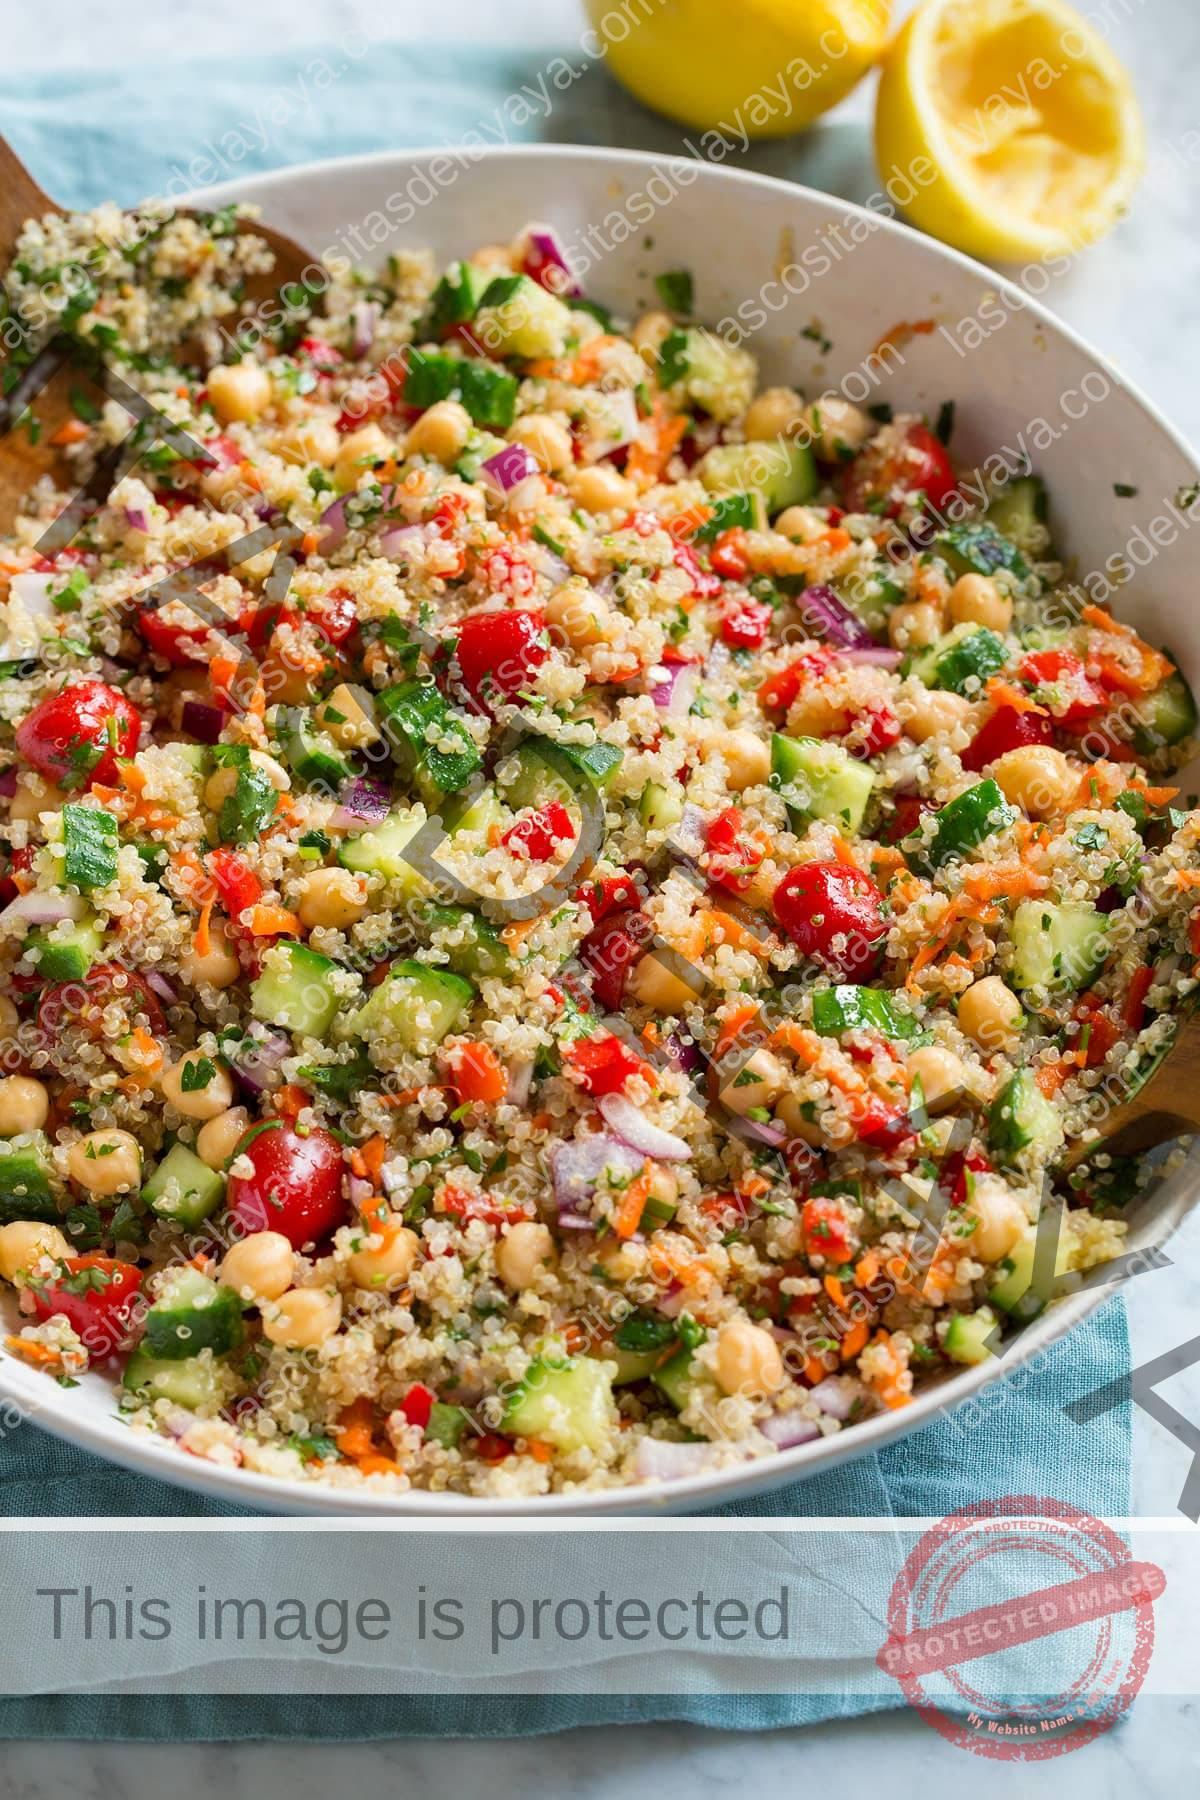 Ensalada de quinua saludable en un bol.  Ensalada muestra quinua, pepino, tomate, zanahoria, cebolla morada, garbanzos y hierbas.